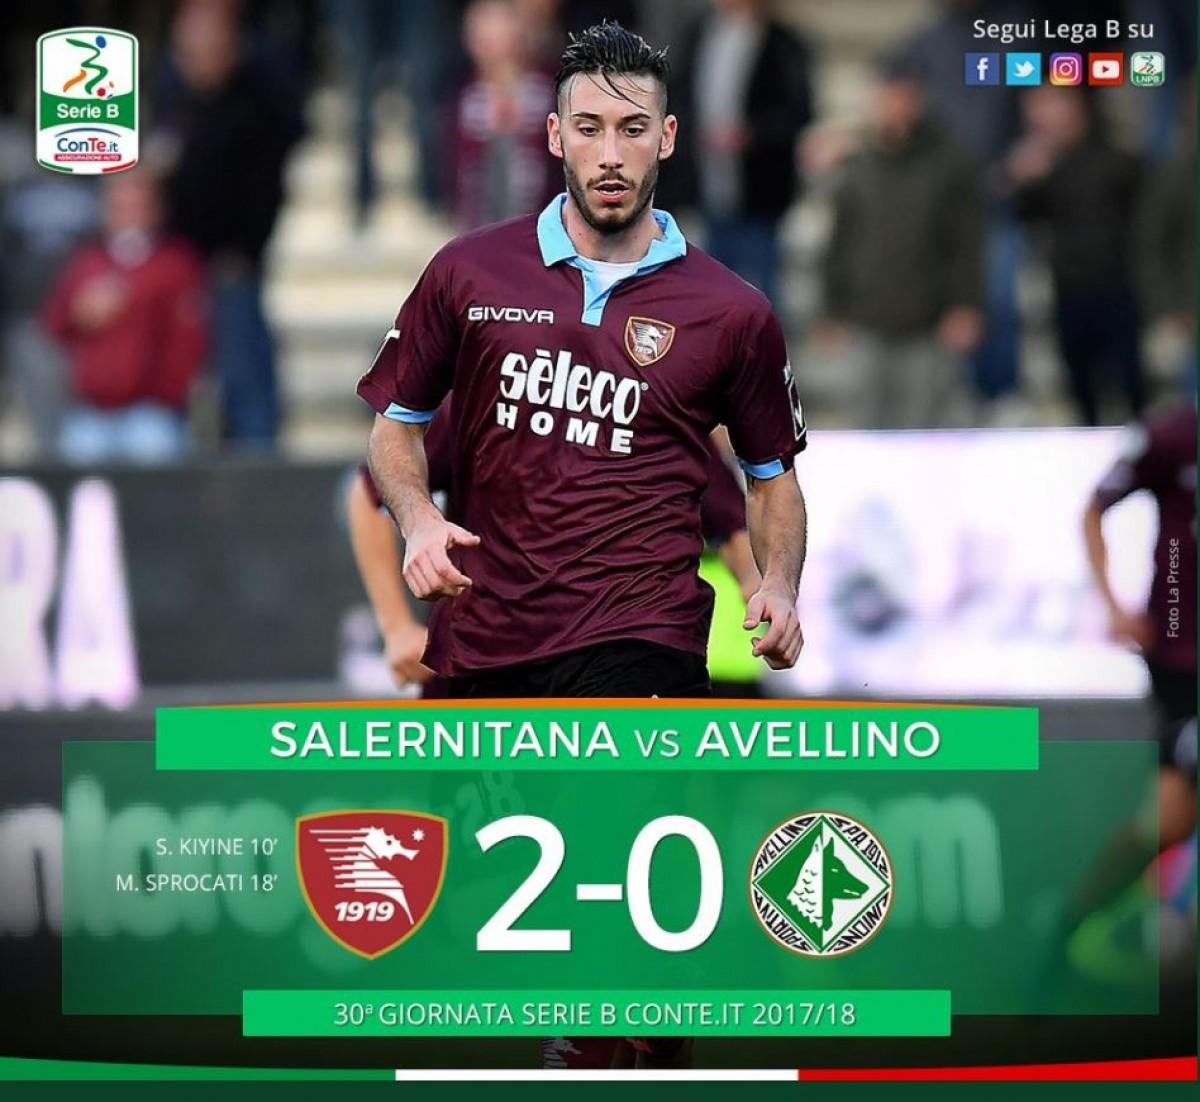 Serie B: la Salernitana chiude il derby in 20 minuti, l'Avellino mai in partita